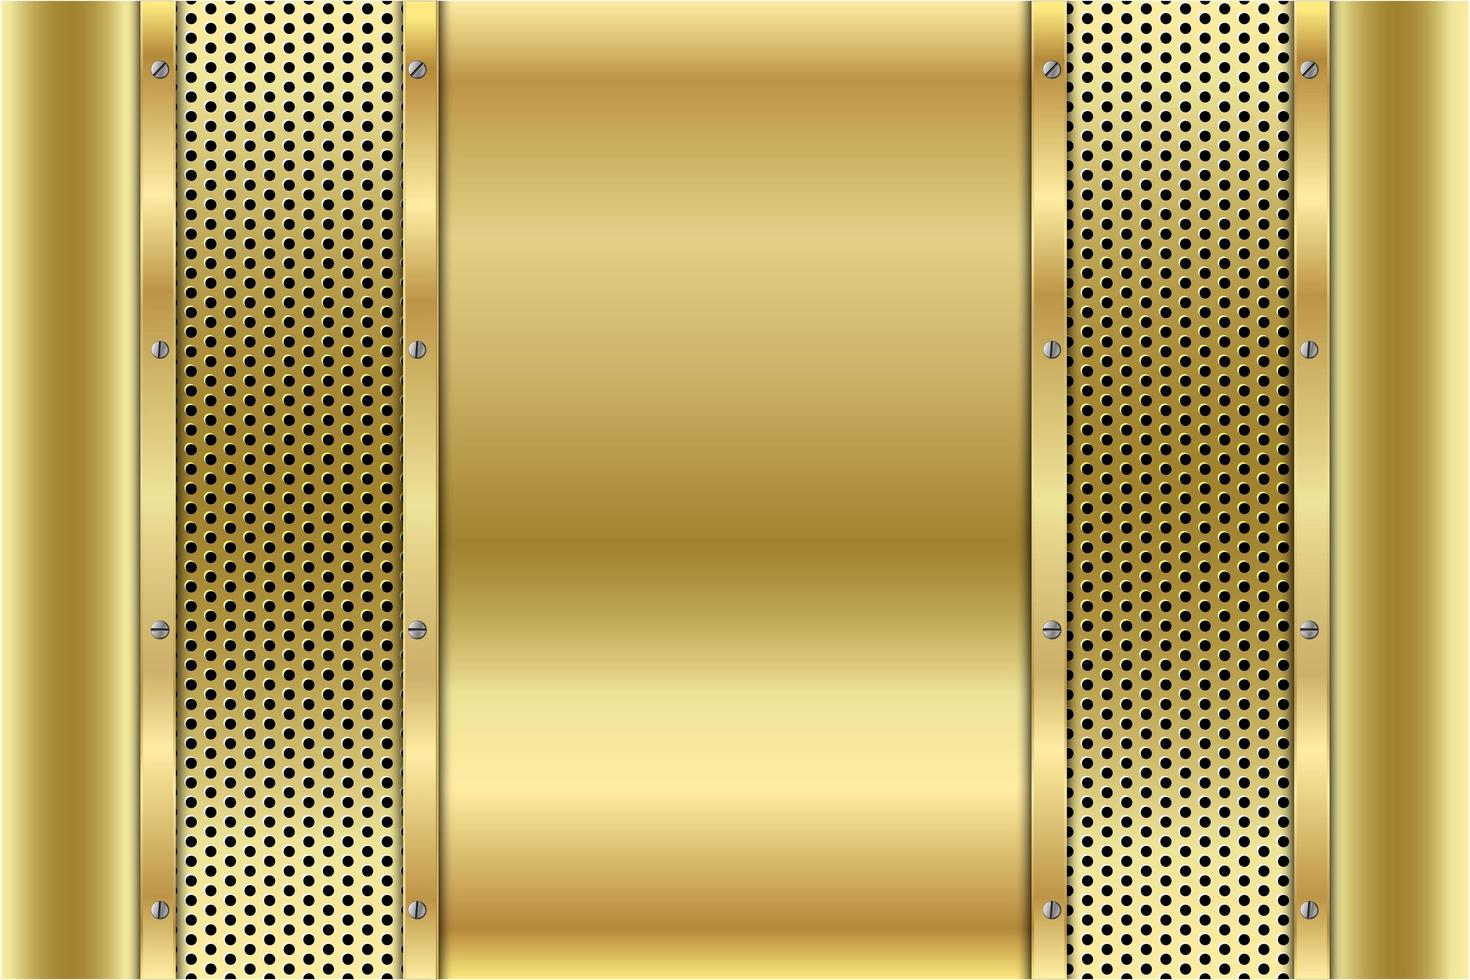 Metallic-Goldplatten mit Schrauben auf perforierter Textur vektor